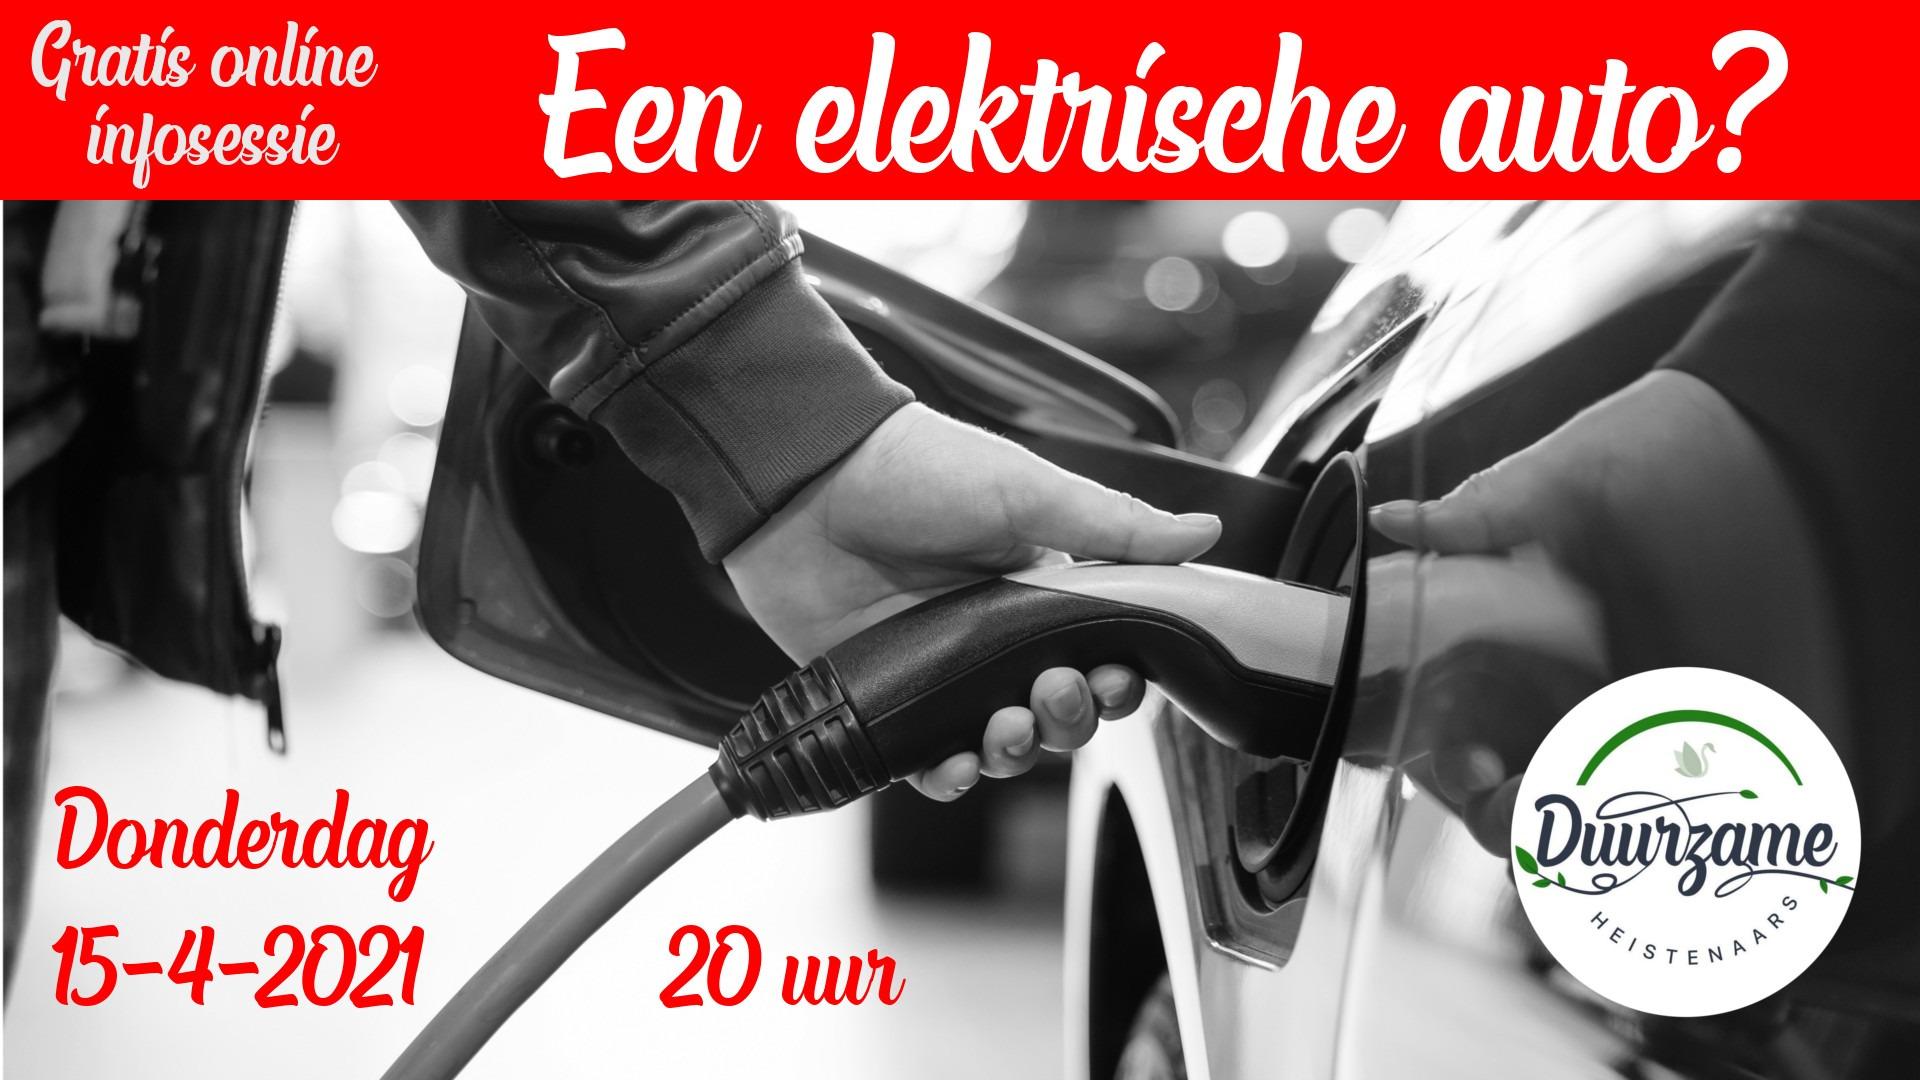 Infosessie elektrische auto